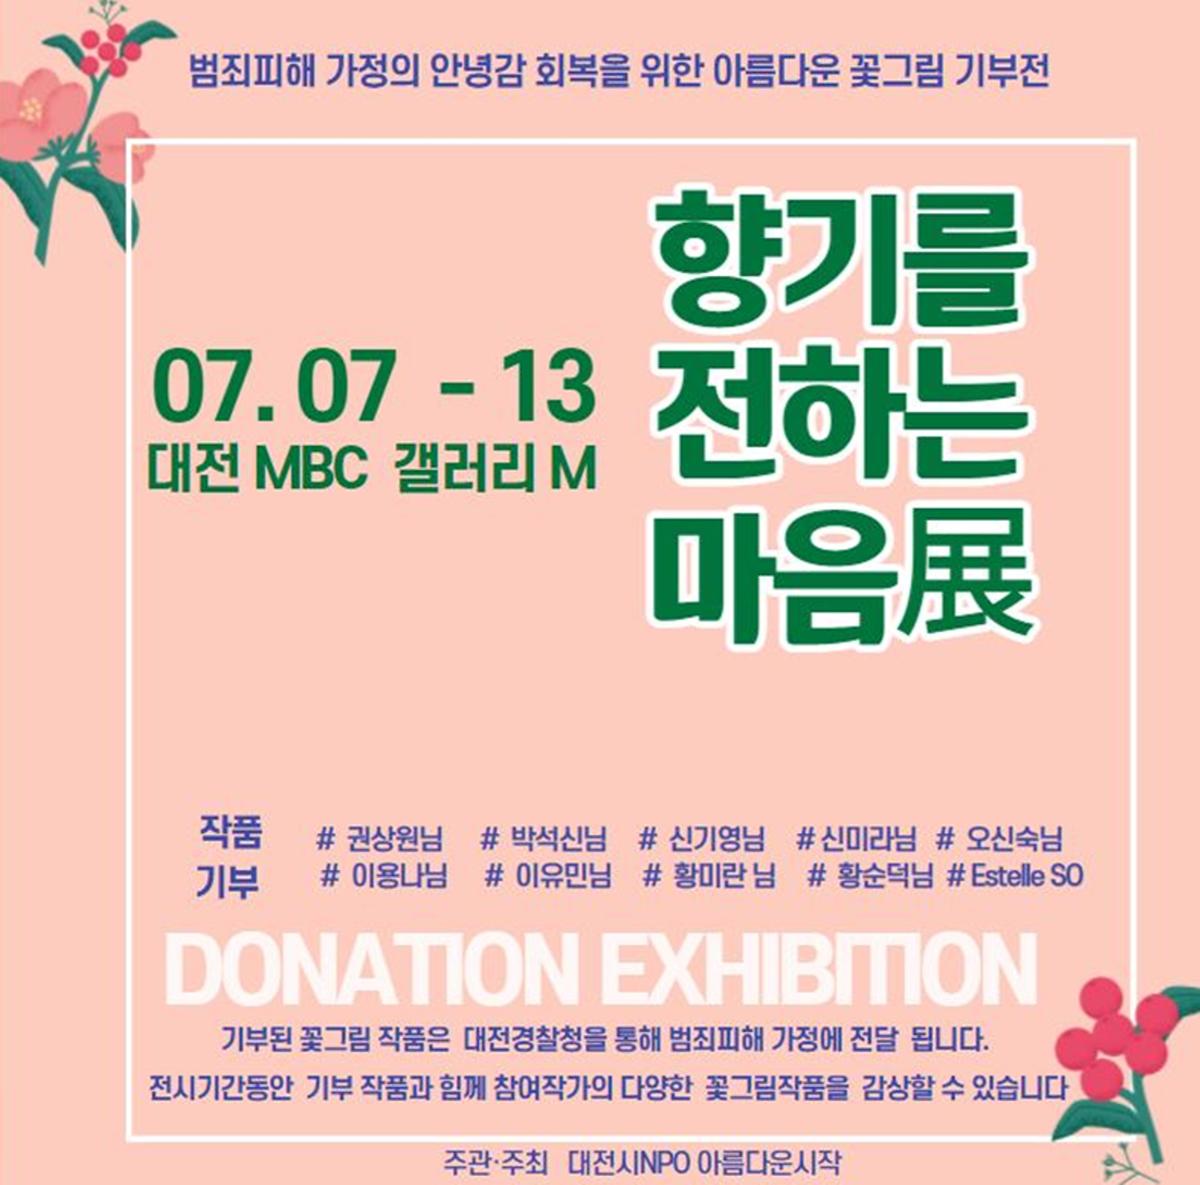 '향기를 전하는 마음展' 홍보 포스터